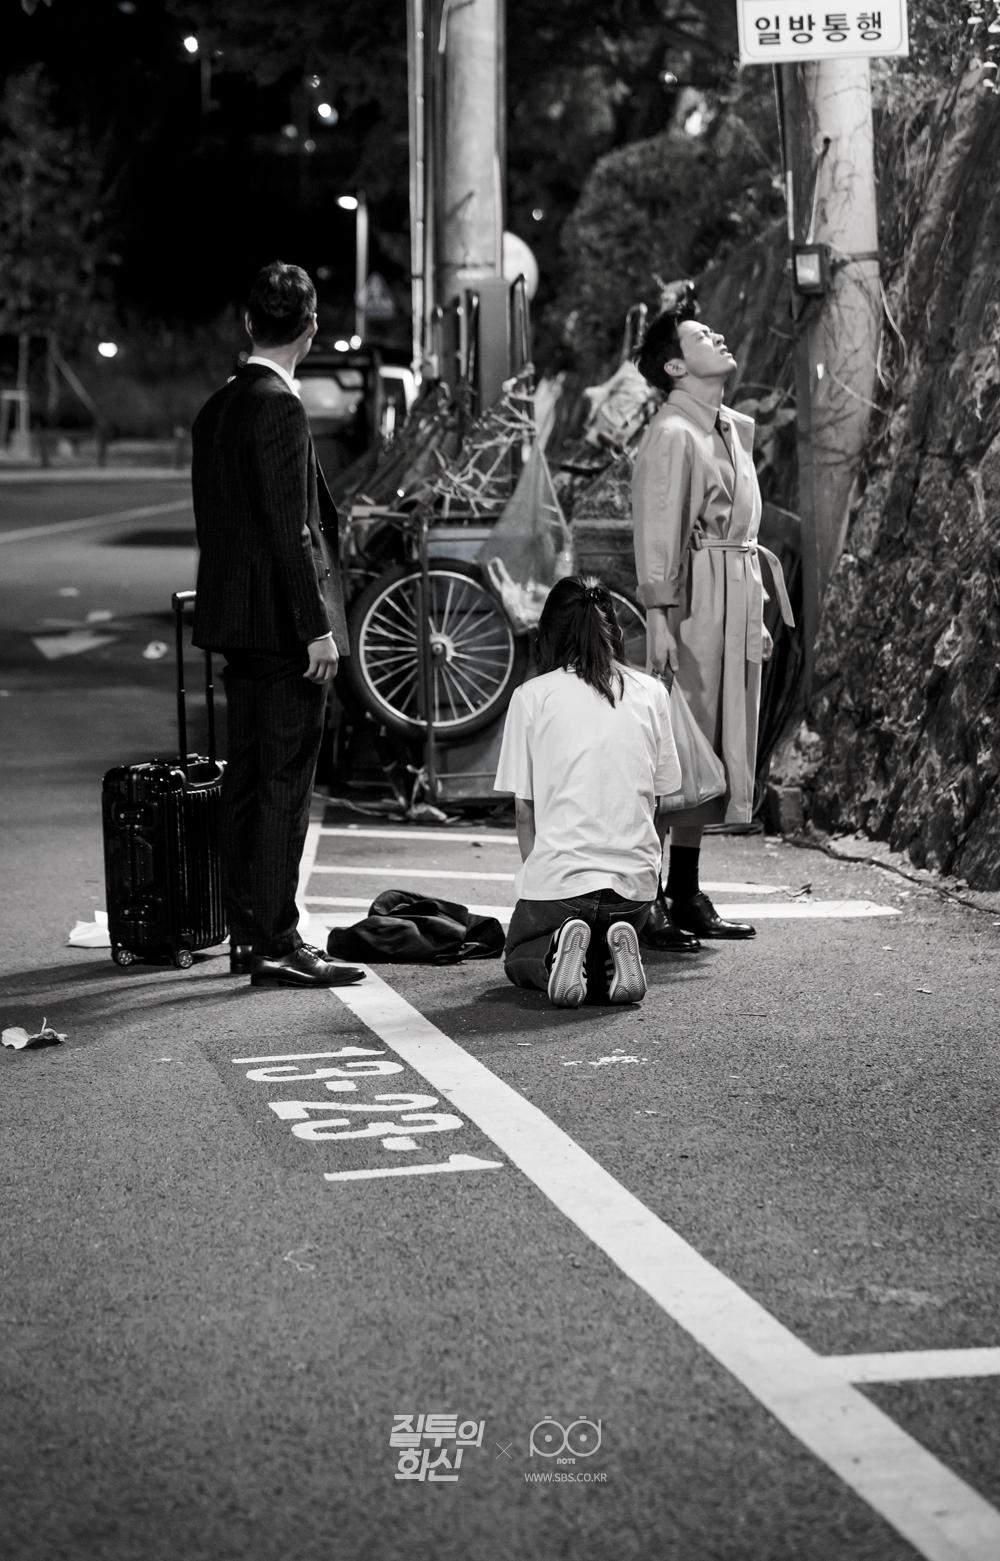 화가 난 조정석과 고경표 앞에서 무릎 꿇고 있는 공효진 흑백사진 4